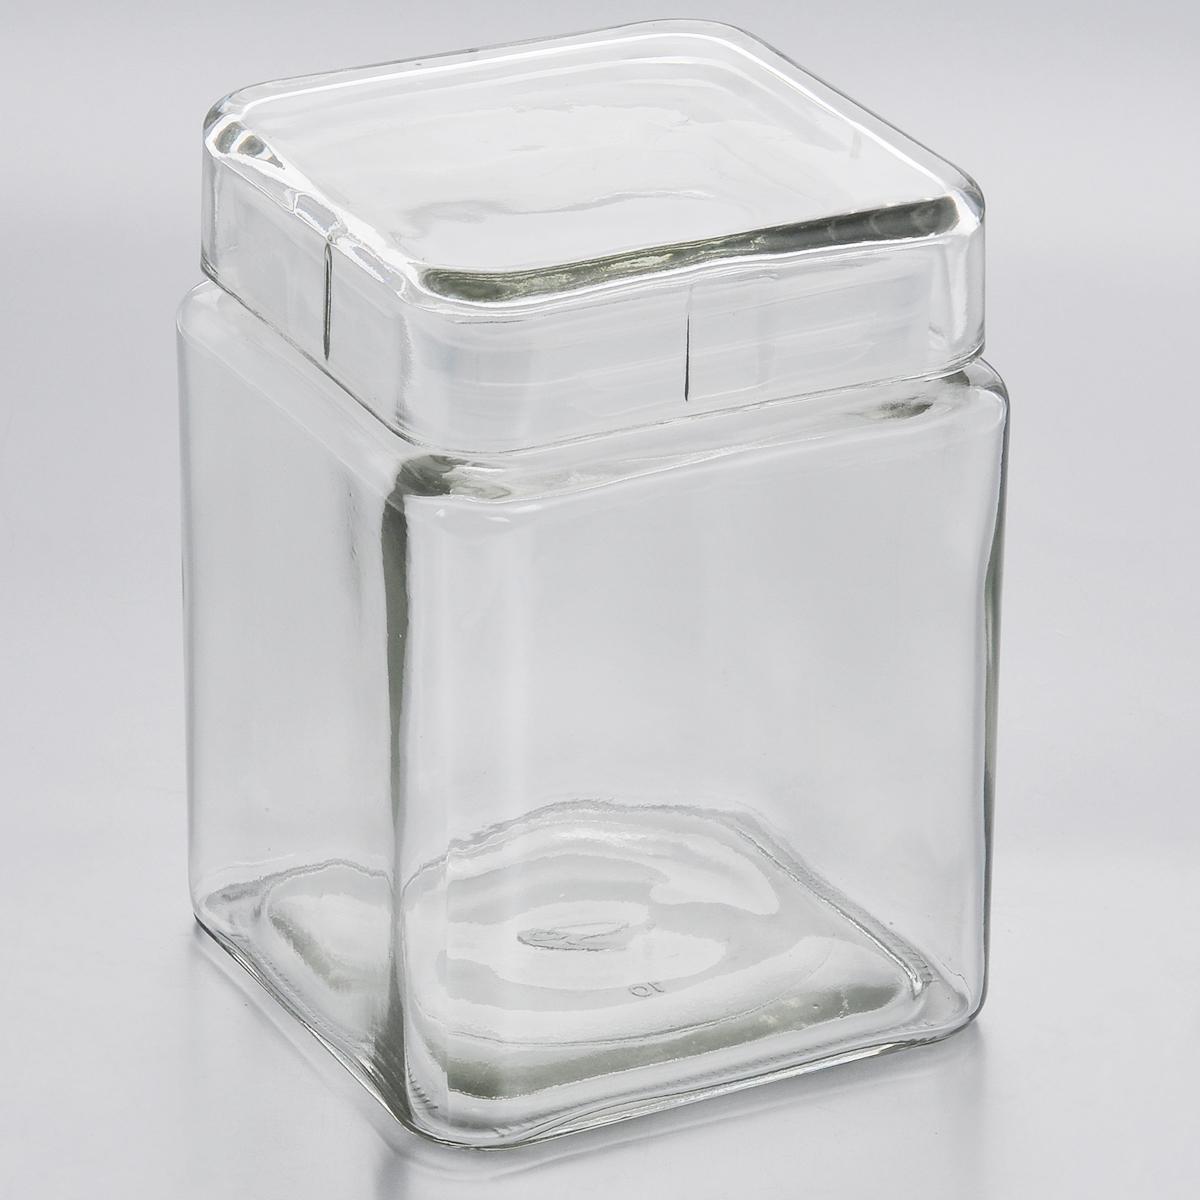 Емкость для хранения Esprado Cristella, 1240 млC041201E405Емкость для хранения Esprado Cristella изготовлена из качественного прозрачного стекла,отполированного до идеального блеска и гладкости. Изделие имеет квадратную форму. Стеклотермостойкое, что позволяет использовать емкость Esprado при различных температурах (от -15° С до +100°С). Это делает ее функциональным и универсальным кухонным аксессуаром. Емкостьочень вместительна, поэтому прекрасно подходит для хранения круп, макарон, кофе, орехов,специй и других сыпучих продуктов. Крышка плотно закрывается и легко открывается благодарясиликоновой прослойке. Это обеспечивает герметичность и дольше сохраняет продуктысвежими. Благодаря различным дизайнерским решениям такая емкость дополнит и украсит интерьерлюбой кухни.Емкости для хранения из коллекции Cristella разработаны на основе эргономичных дизайнерскихрешений, которые позволяют максимально эффективно и рационально использовать кухонныеповерхности. Благодаря универсальному внешнему виду, они будут привлекательно смотреться винтерьере любой кухни.Емкости для хранения незаменимы на кухне: они помогают сохранить свежесть продуктов,защищают от попадания излишней влаги и позволяют эффективно использовать ограниченноекухонное пространство.Не использовать в духовом шкафу, микроволновой печи и посудомоечной машине.